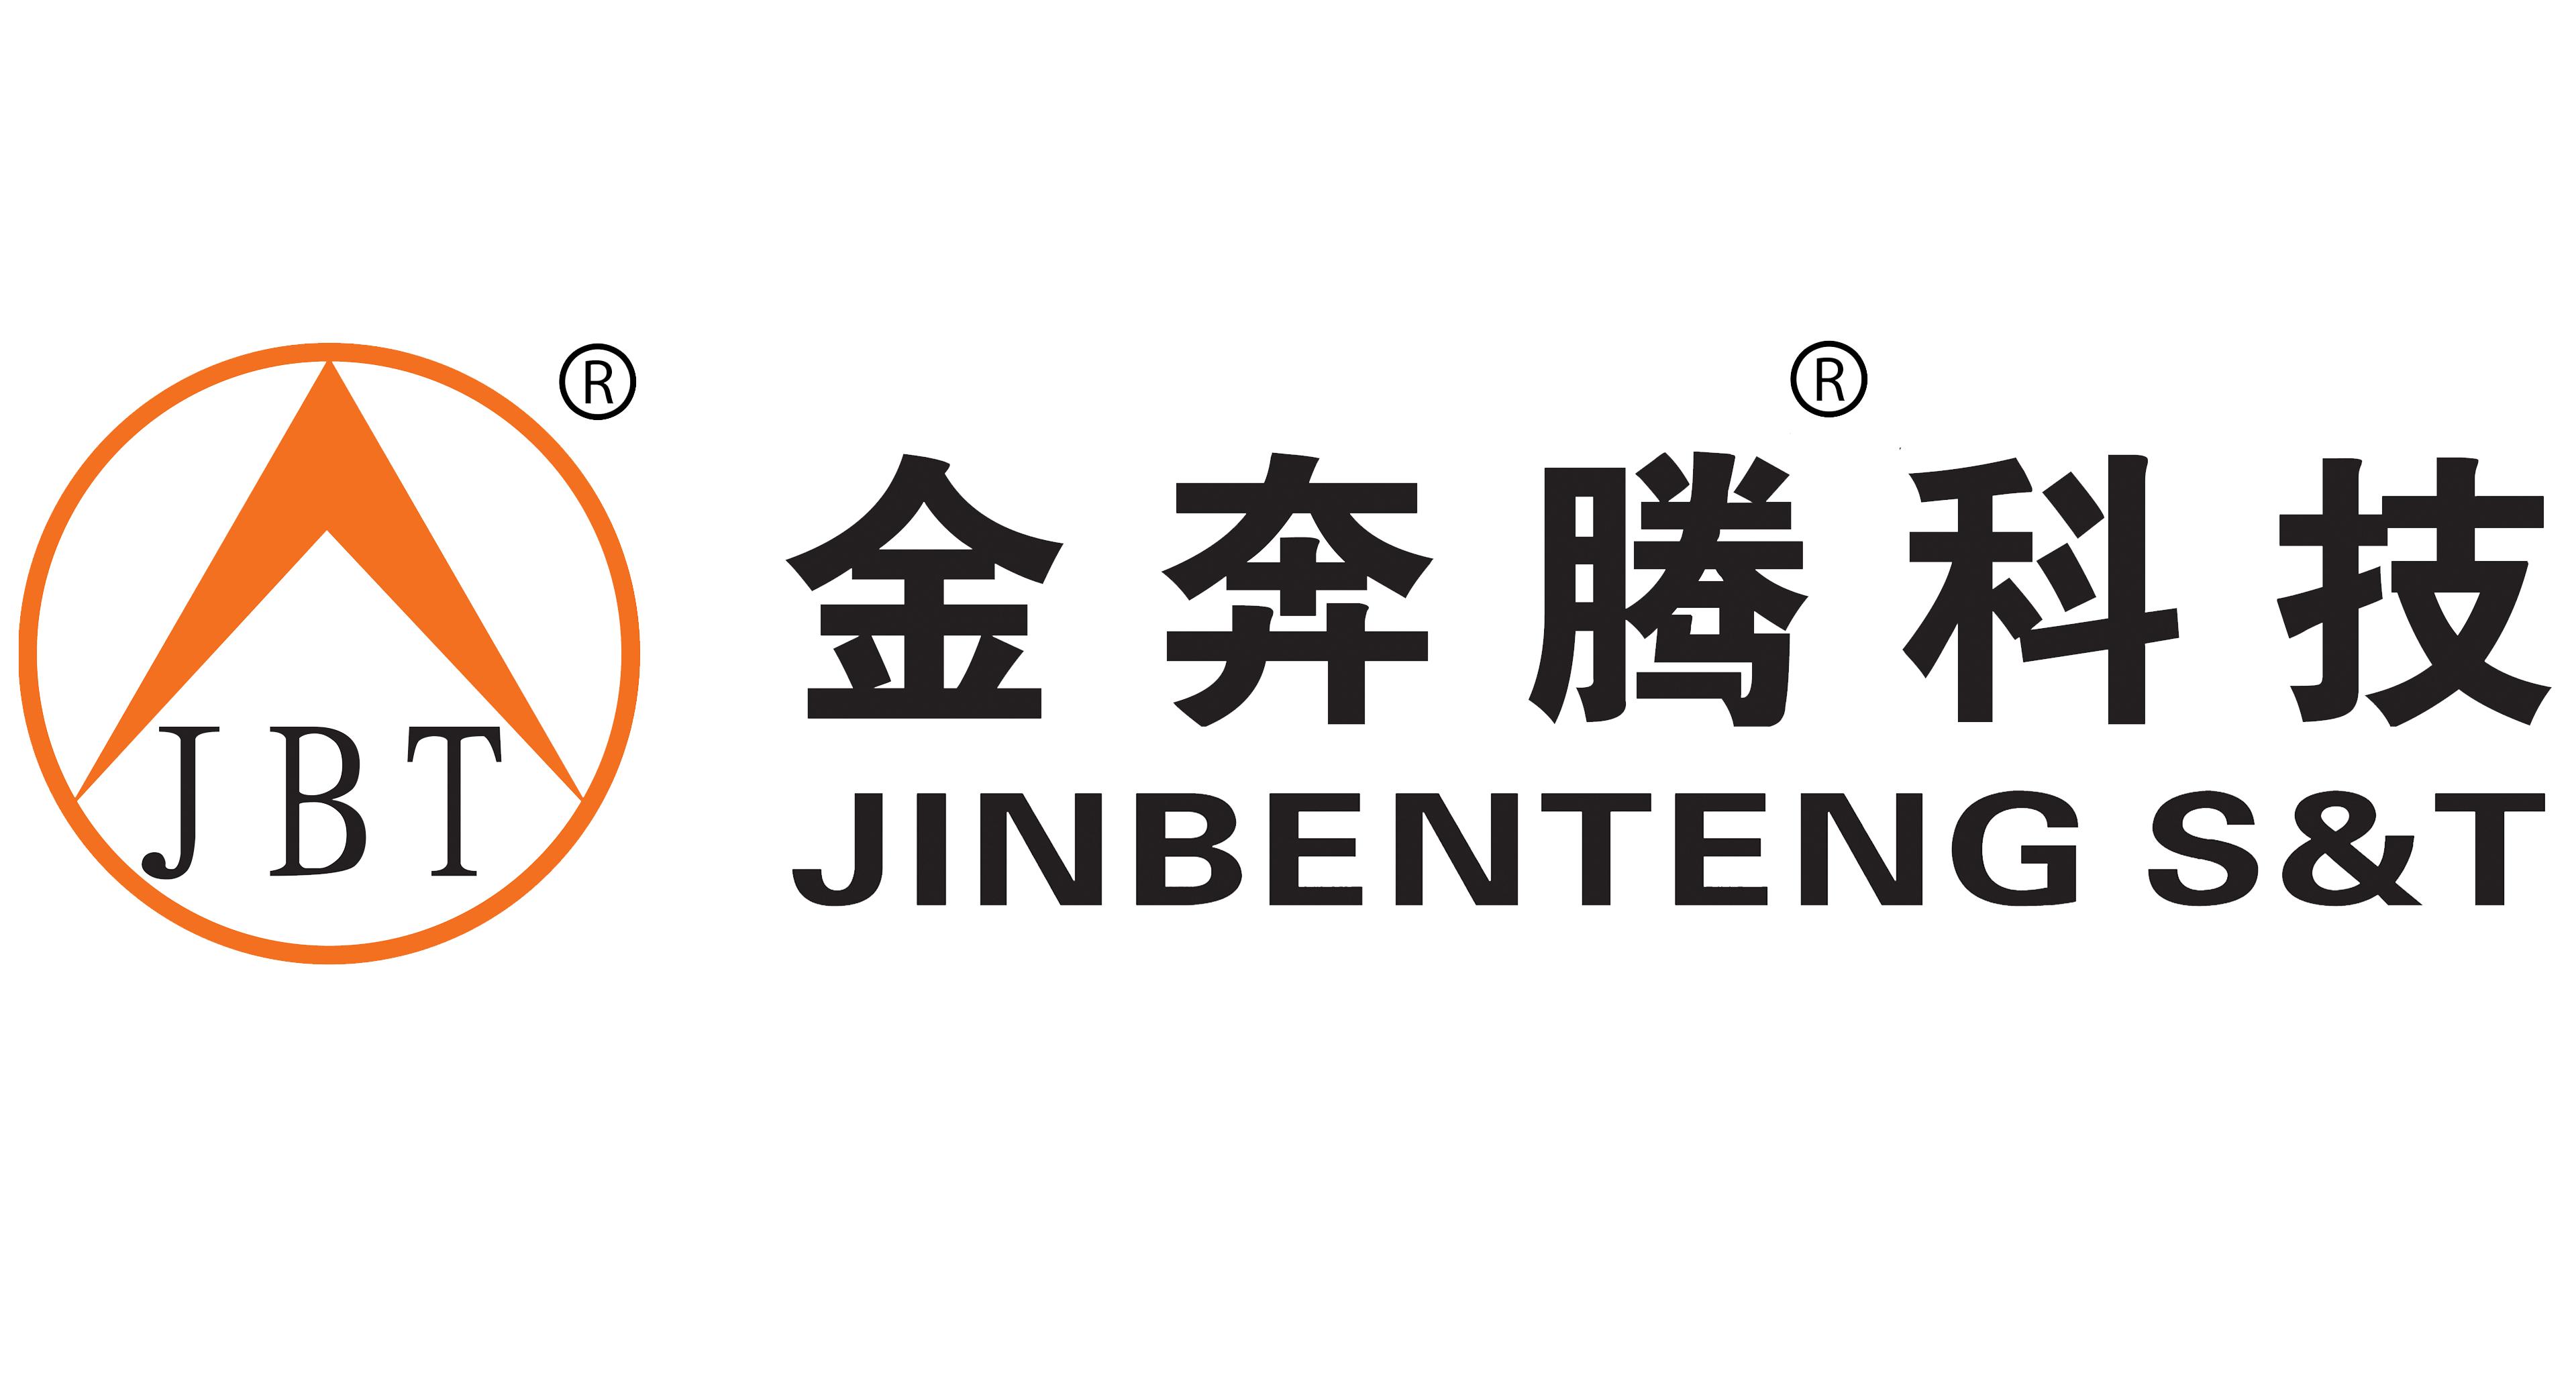 北京金奔腾汽车科技有限公司创办于1999年,是一家致力于汽车后市场领域,从事汽车电子及计算机通信技术及产品研发、生产、销售和服务的高科技企业。她坐落于中关村科技园丰台分园北京总部基地,是经有关部门认定的高新技术企业、软件企业,并在业内率先通过国际权威机构认可的ISO9000质量管理体系认证、ISO14001环境管理体系认证以及欧盟CE认证,是中国汽车保修设备行业协会副会长单位,中国人民解放军通用装备承制单位。 自成立以来,金奔腾把科技创新作为企业发展战略,在中关村科技园区北京总部基地和风景秀